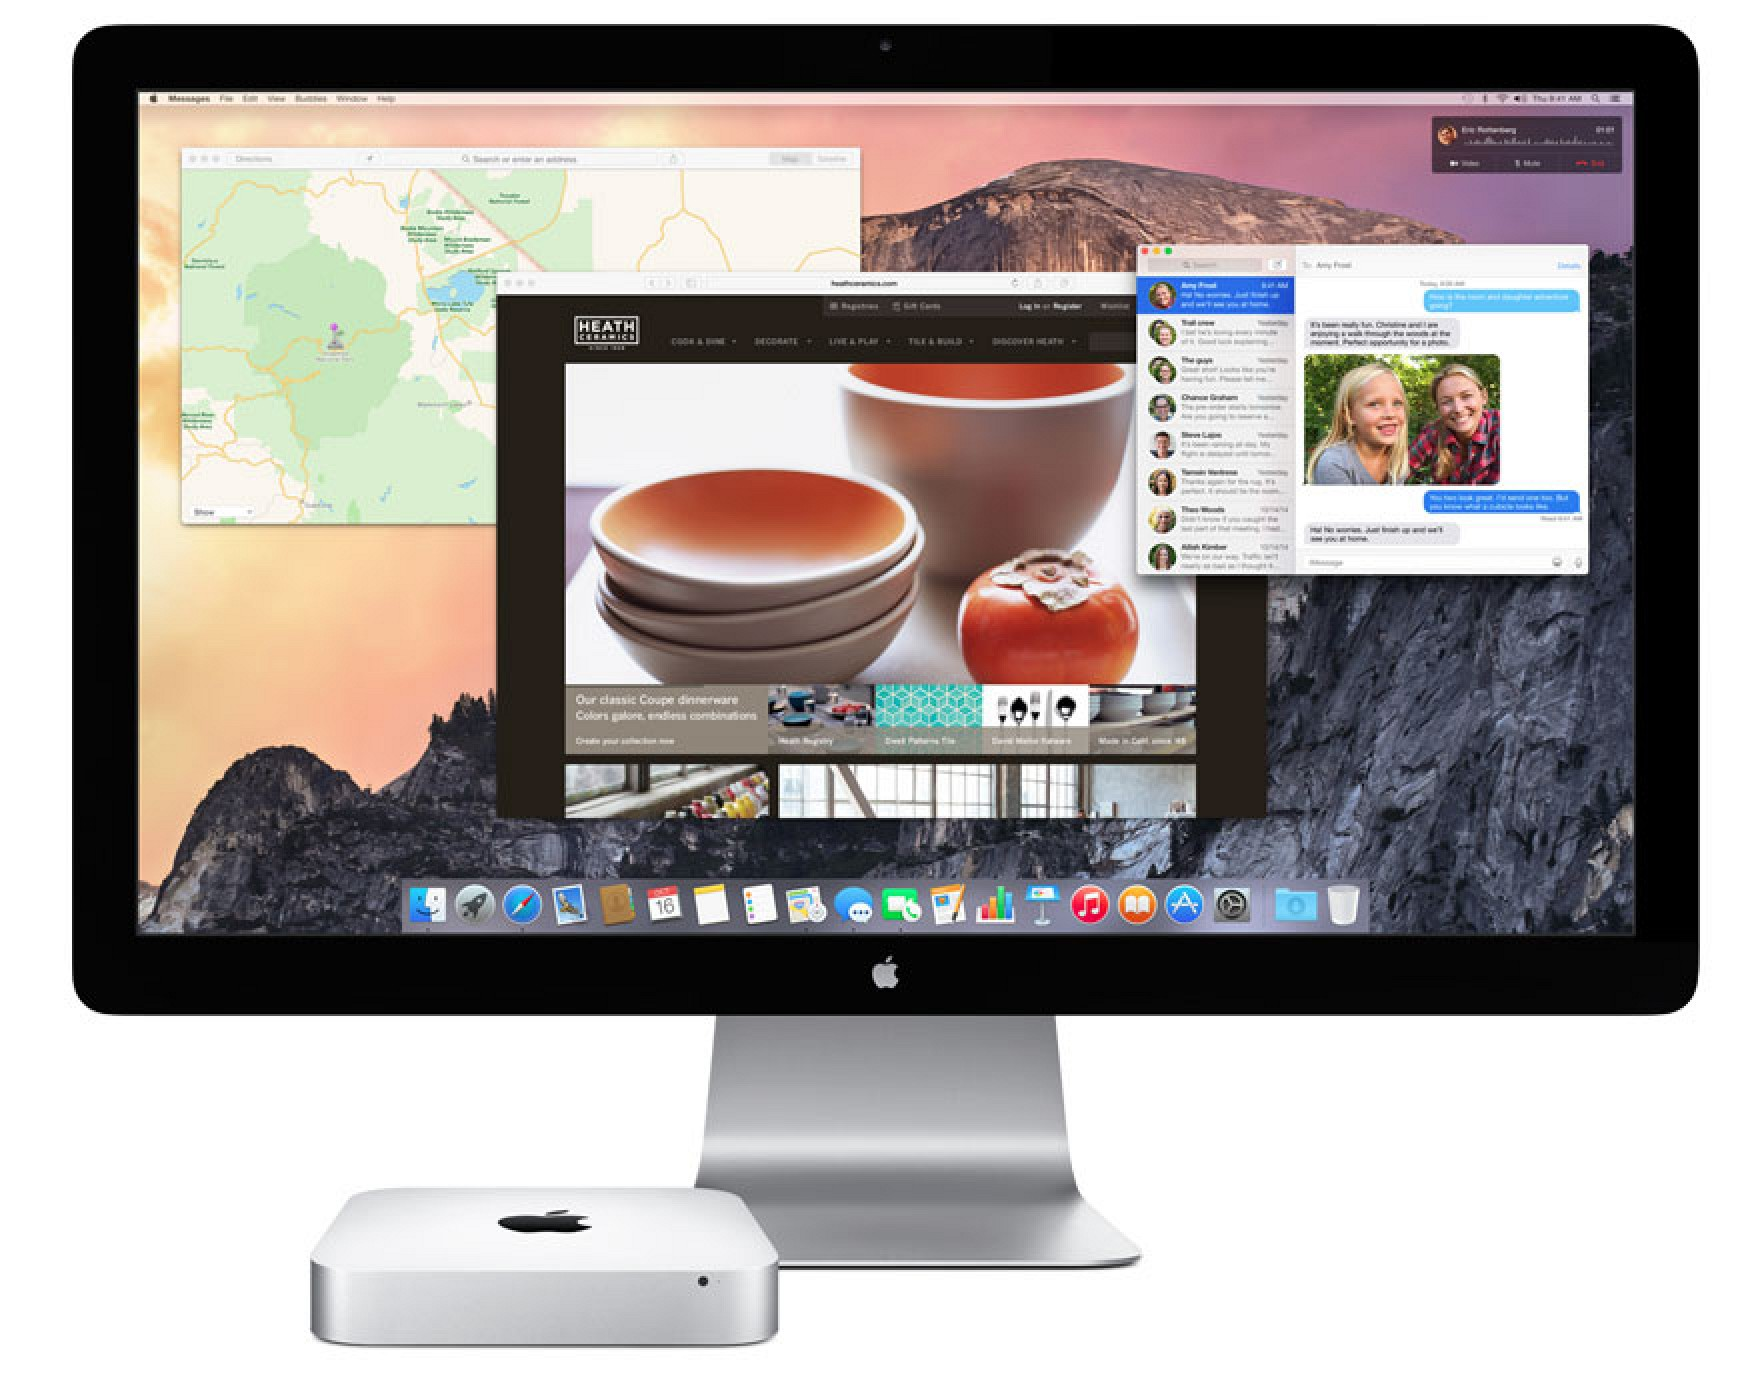 mac mini buying guide daily instruction manual guides u2022 rh testingwordpress co Gift Guide apple mac mini buying guide